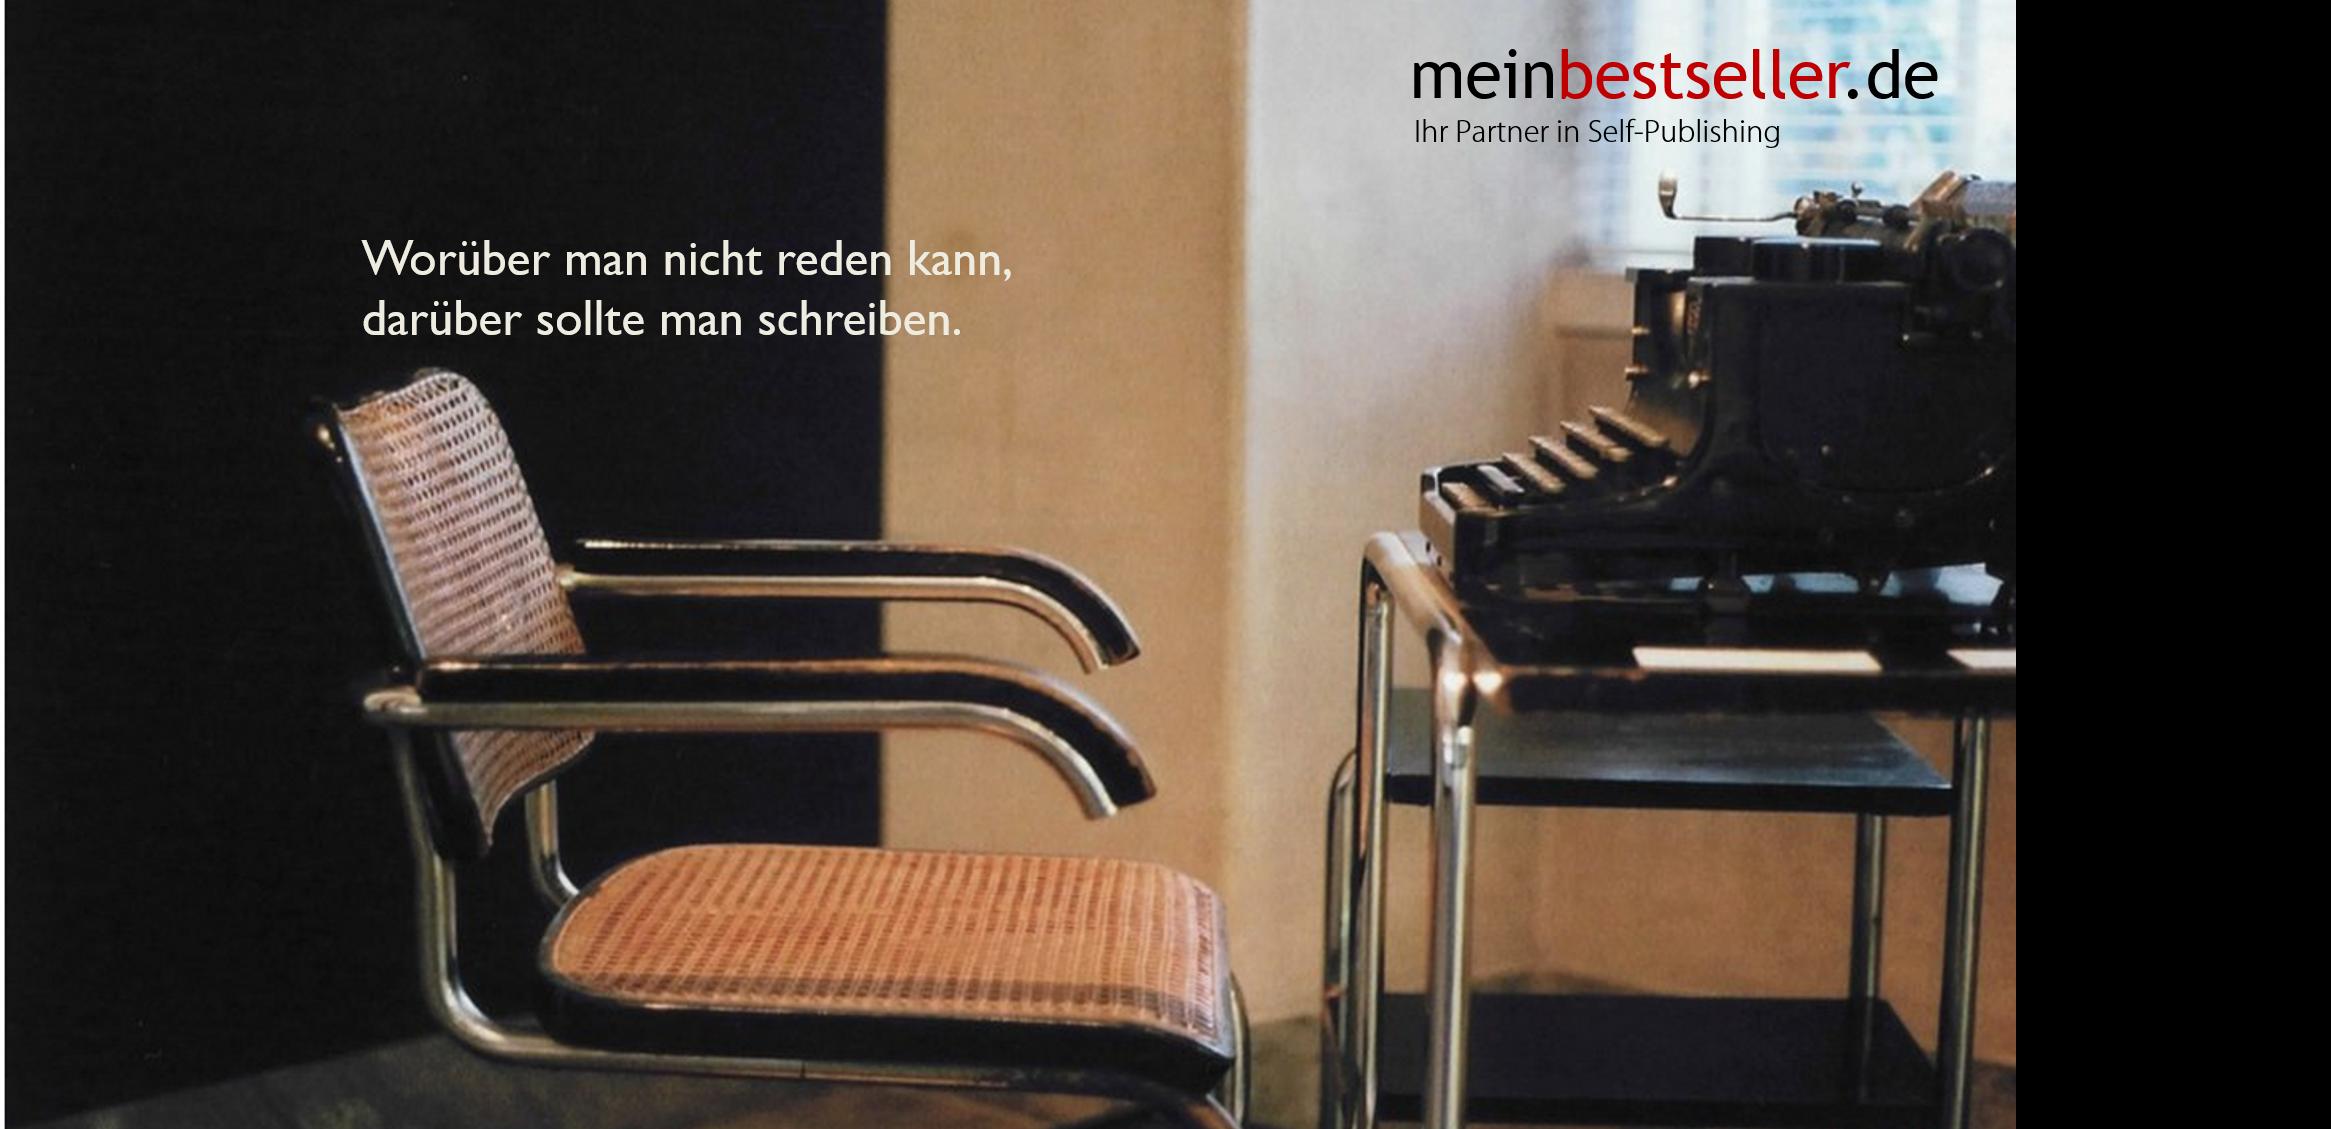 Einfach dein Buch bei meinbestseller.de